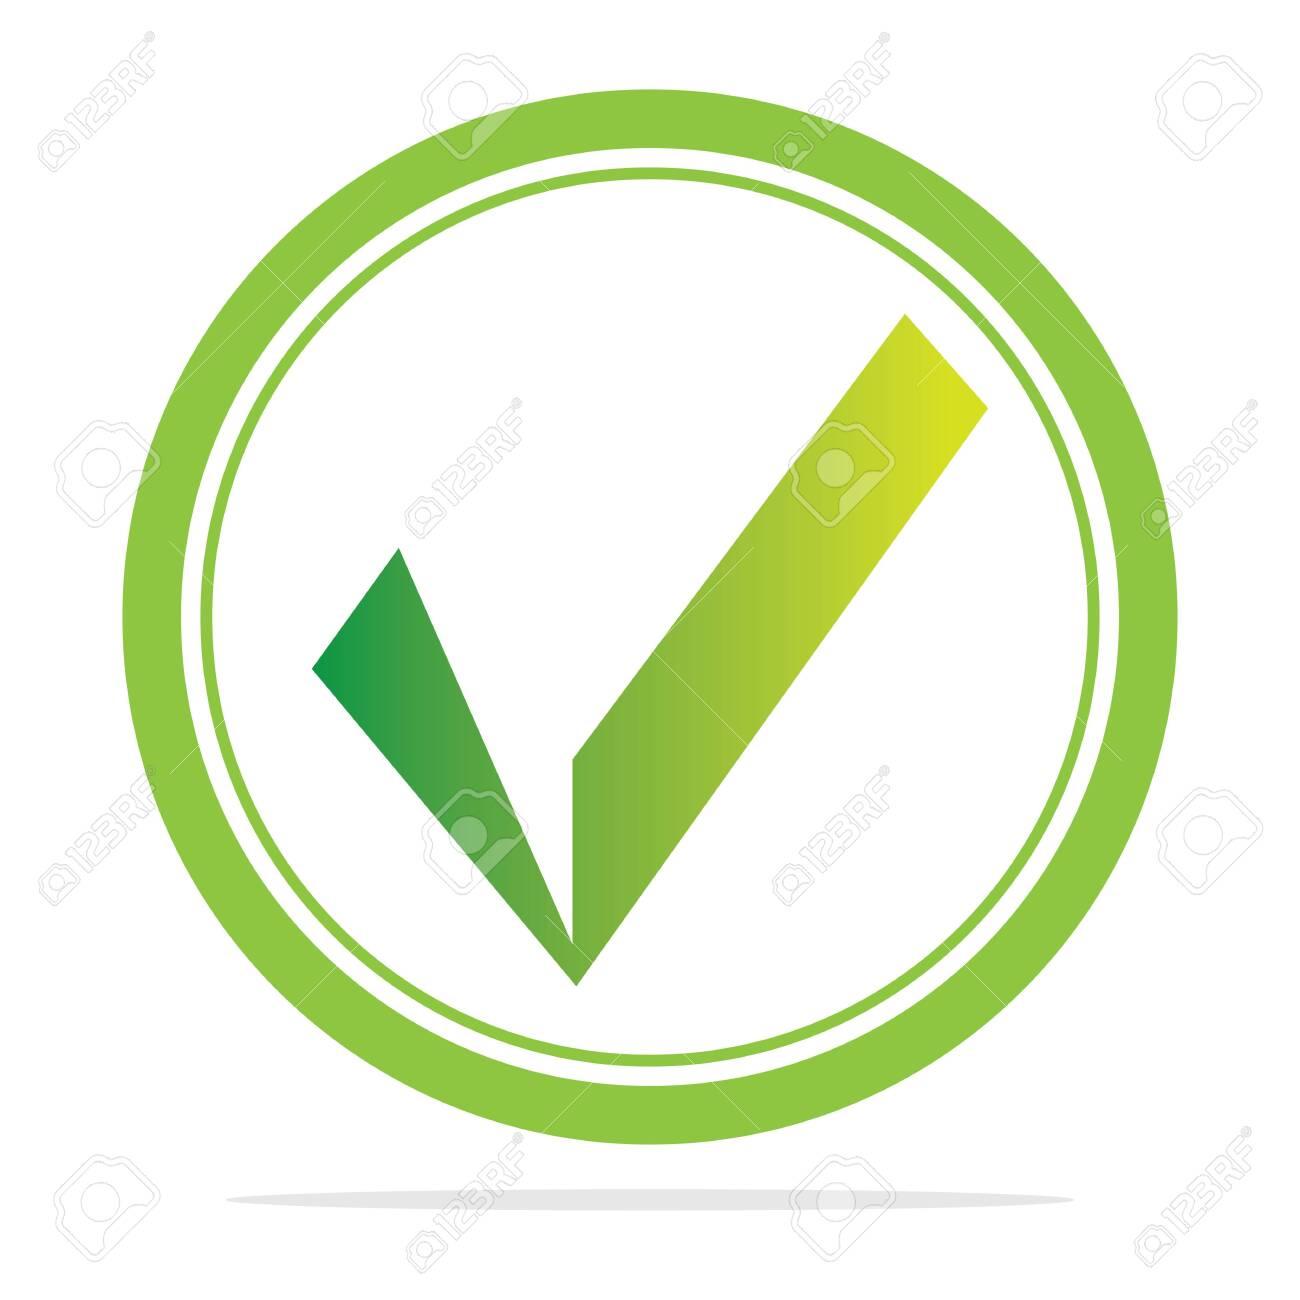 check mark icon vector illustration design template - 153835947